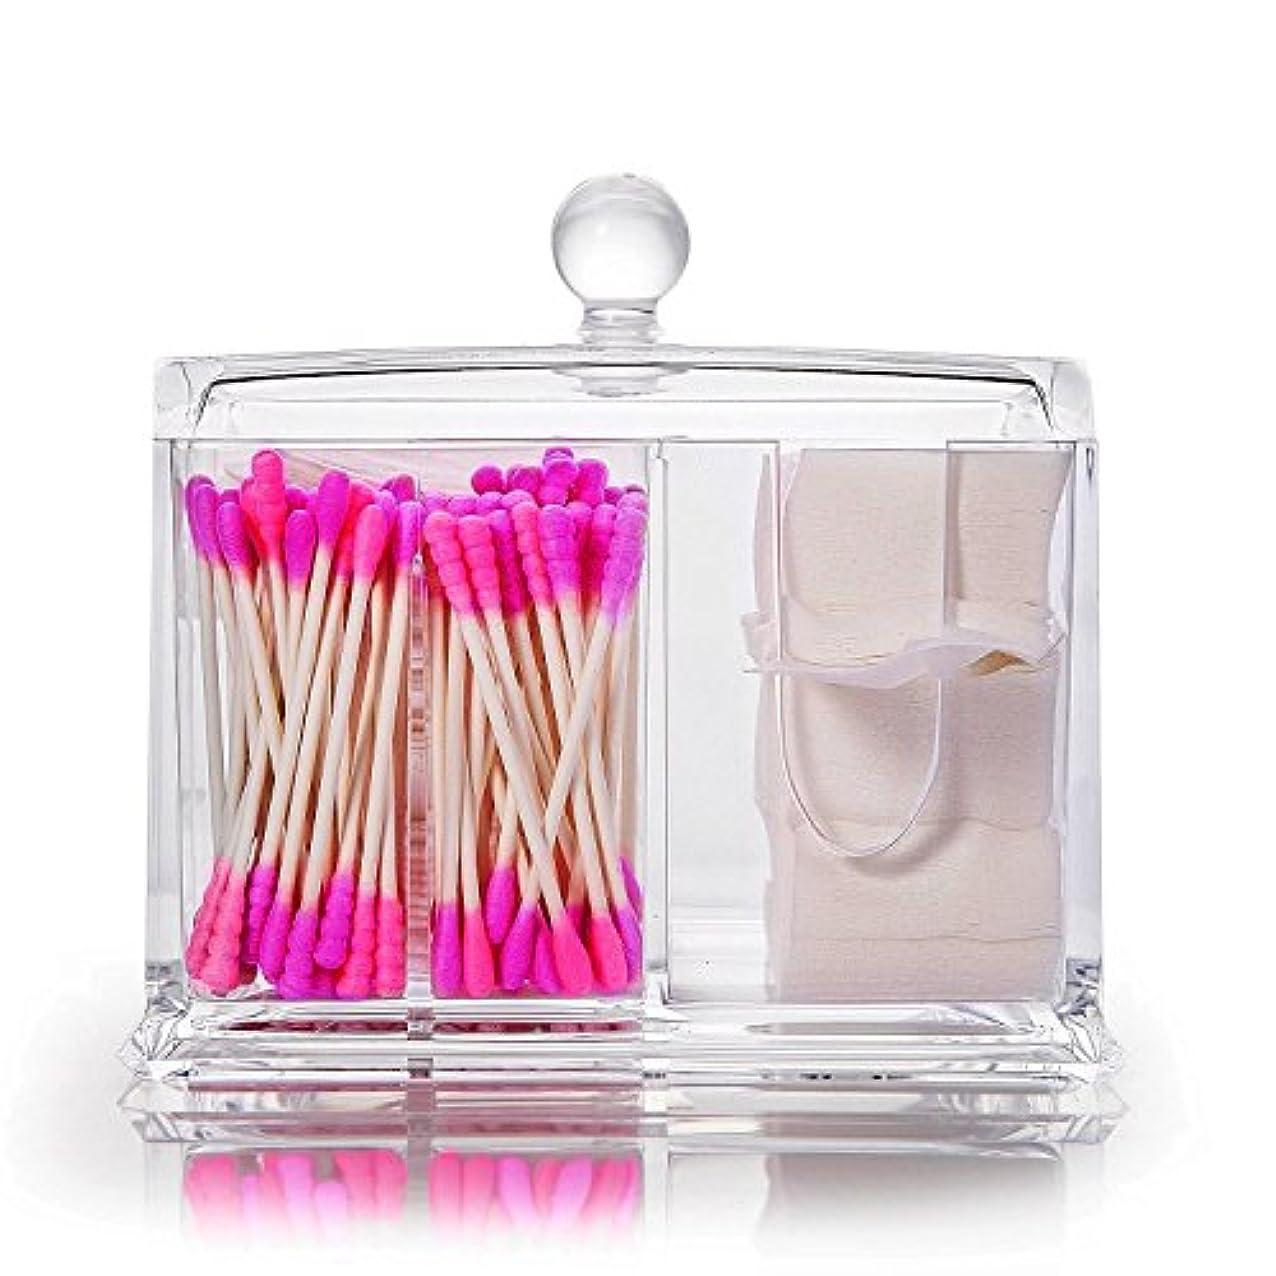 伝導きれいに時代Neolly 綿棒ケース コスメボックス 収納ケース 蓋付き 小物入れ 綿棒入れ 化粧品 多機能 収納ボックス メイクケース ジュエリーボックス プレゼント アクリル製 透明